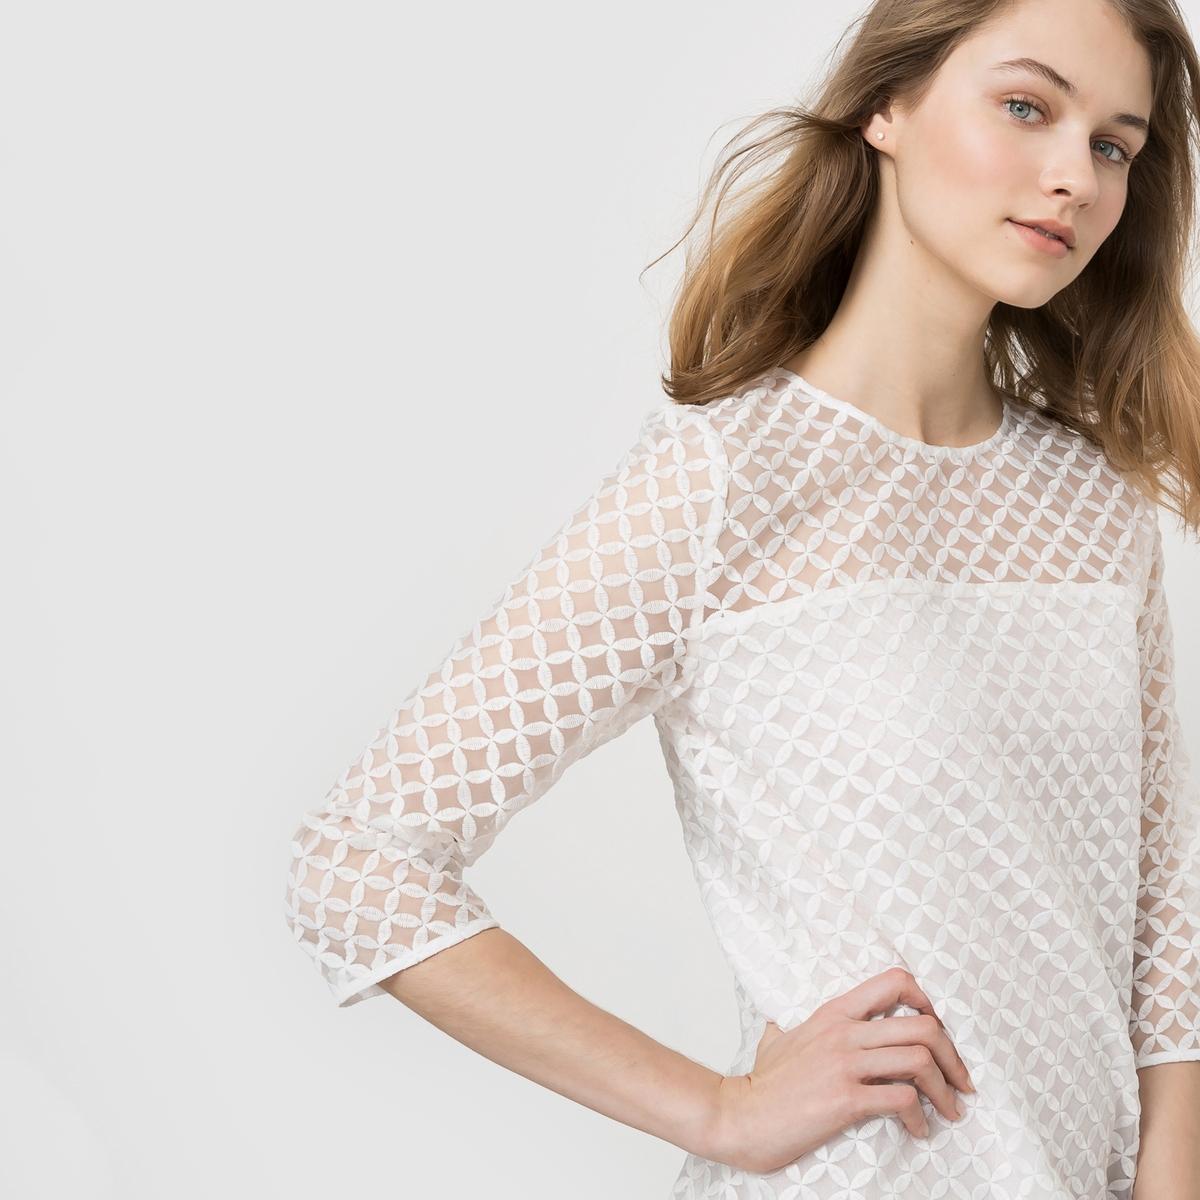 Платье из двух материалов с кружевомПлатье из двух материалов с эффектом прозрачности геометрического рисунка. Прямой покрой, рукава 3/4. Застежка на спине. Закругленный вырез.Состав и описаниеМатериал : кружево 100% полиэстера, подкладка 100% хлопка Длина : 90 смМарка : MADEMOISELLE R<br><br>Цвет: белый